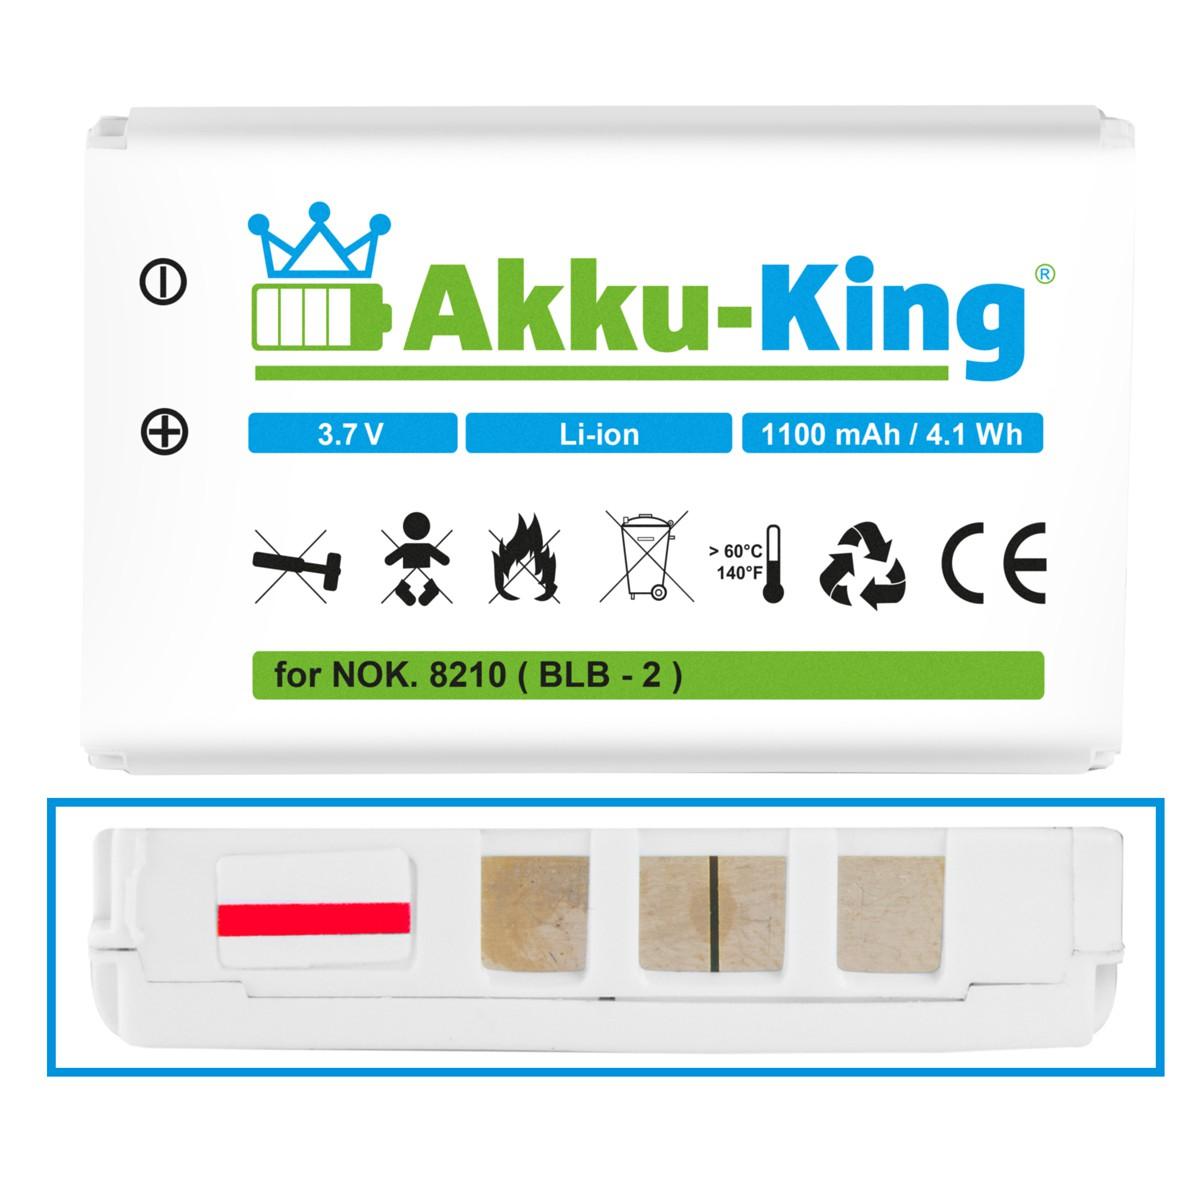 Akku für Nokia 8210, 3610, 5210, 6510, 7650, 8250, 8310, 8850, 8890, 8910i, Swiss DV 310, 320, 330 - ersetzt BLB-2 - Li-Ion 1100mAh